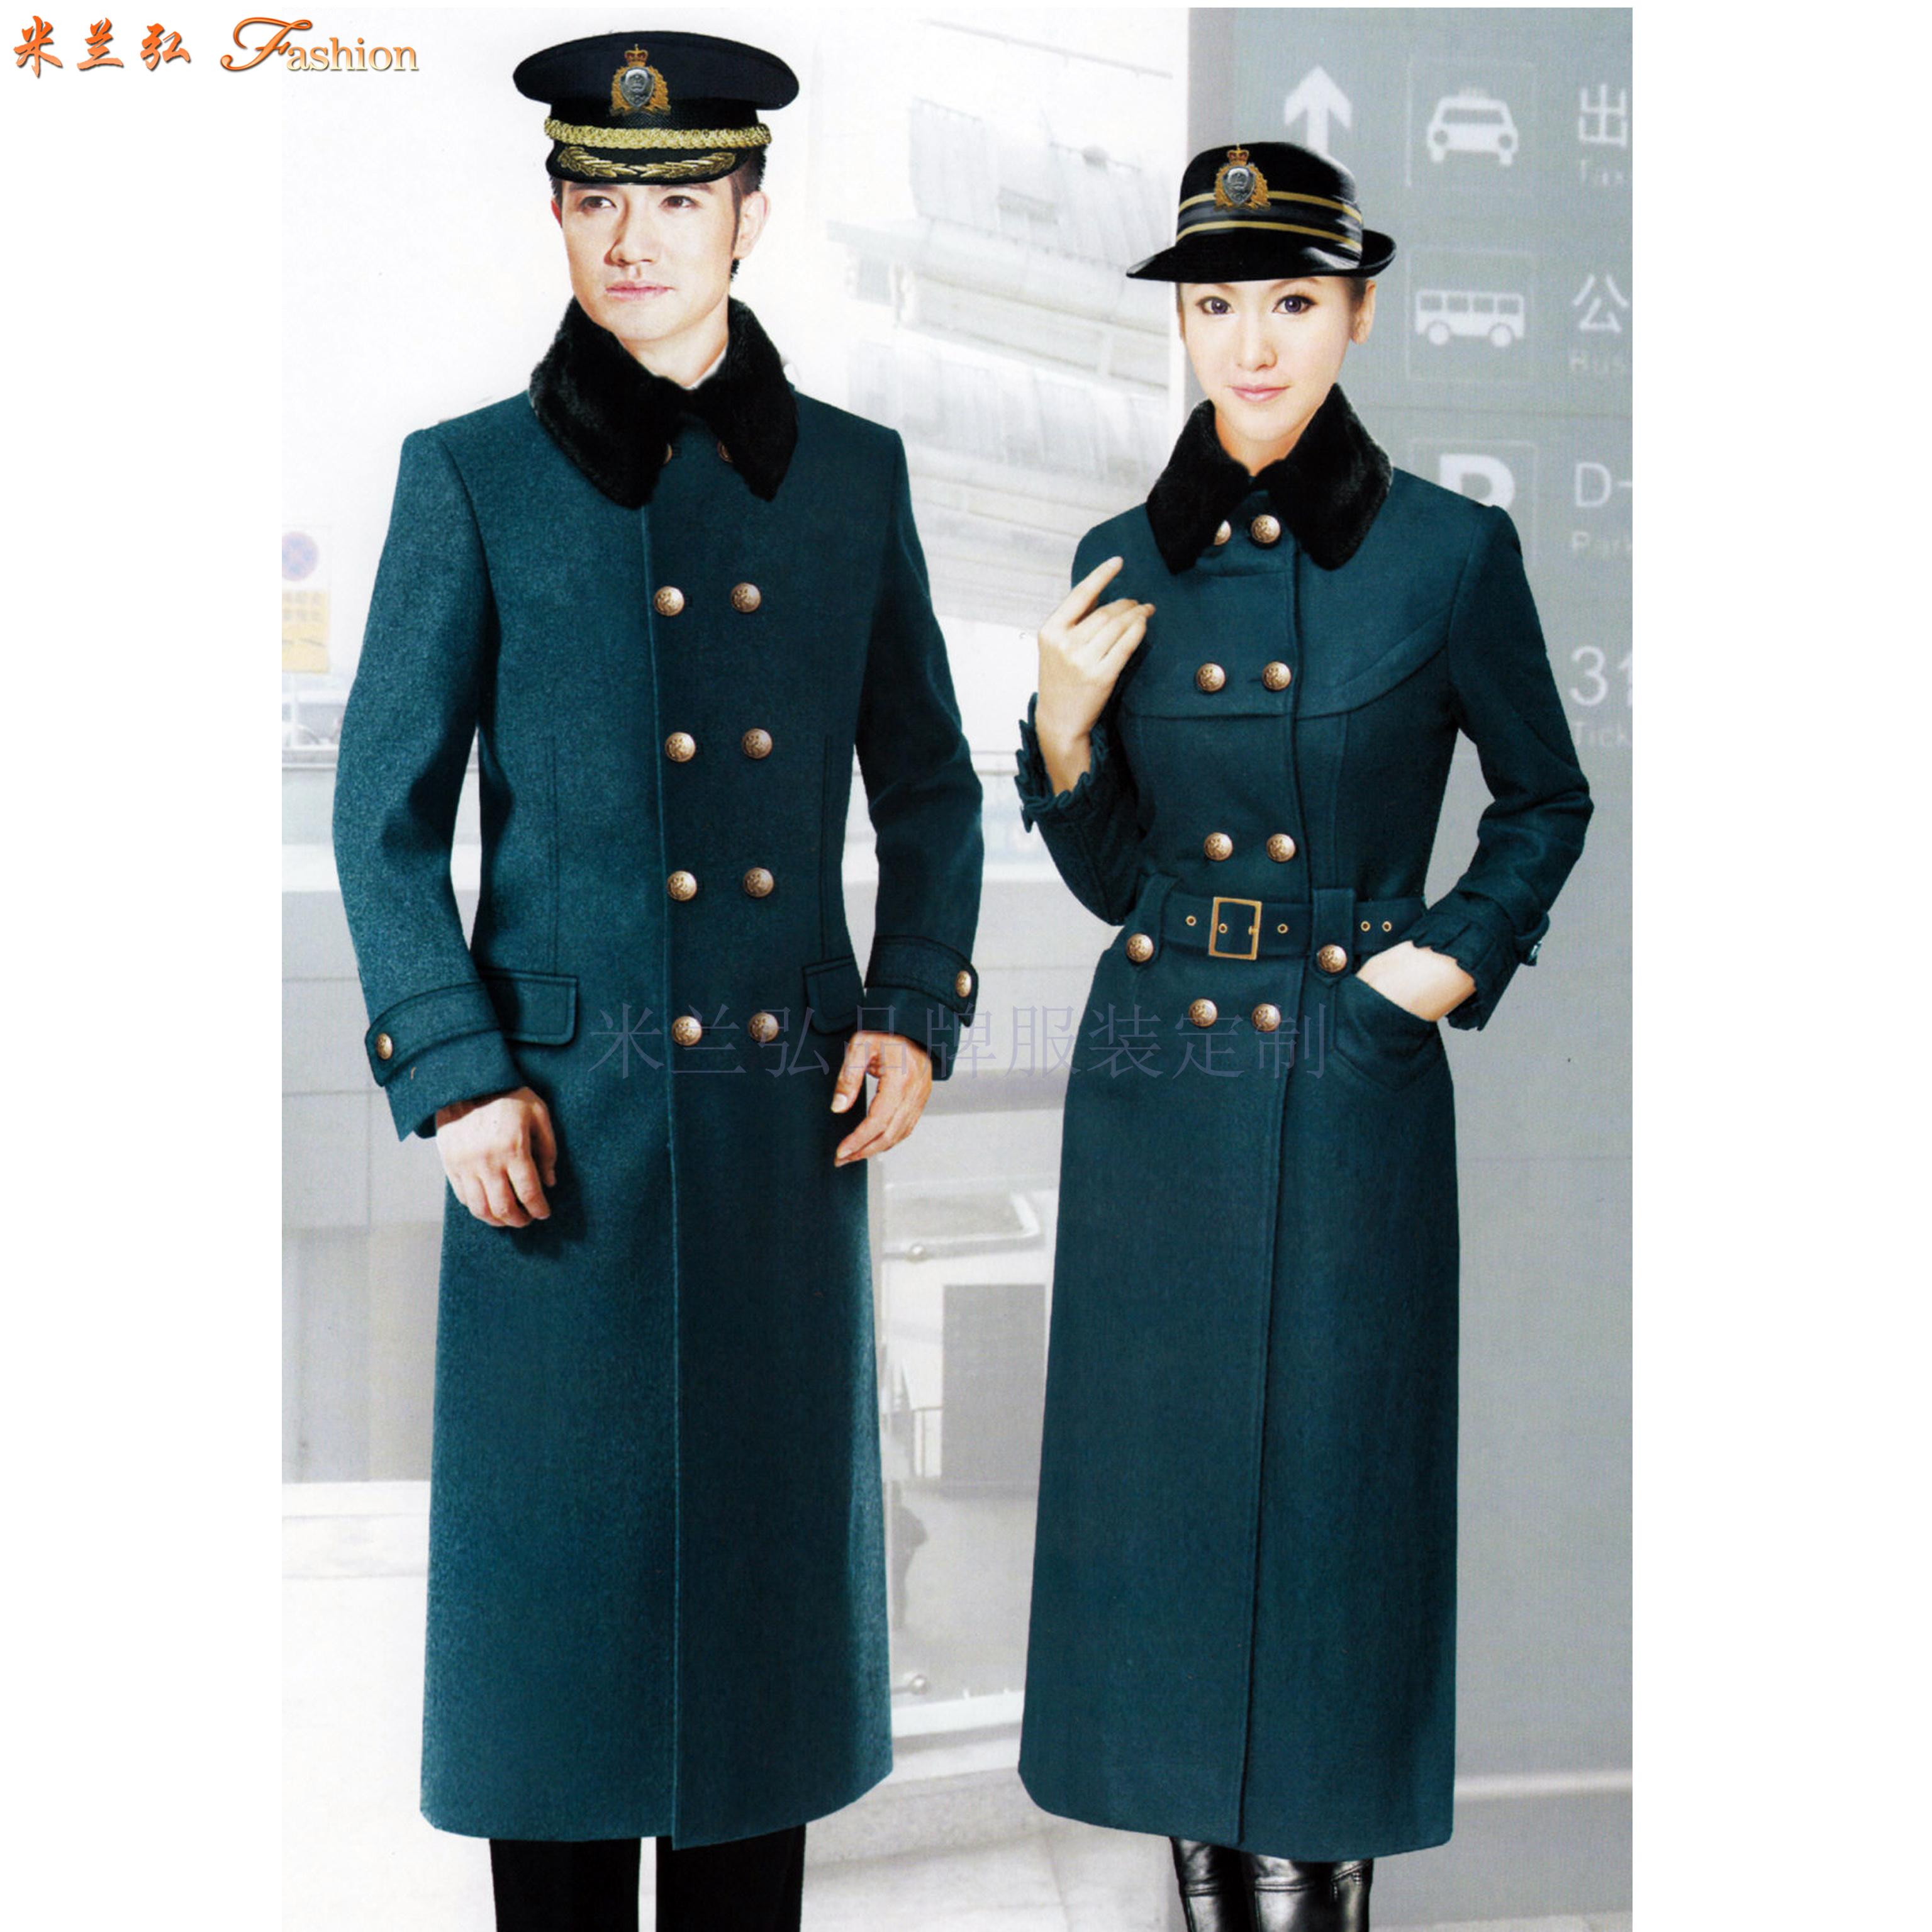 「高鐵大衣」量體定做高鐵乘務員男女保暖羊毛大衣-米蘭弘服裝-2